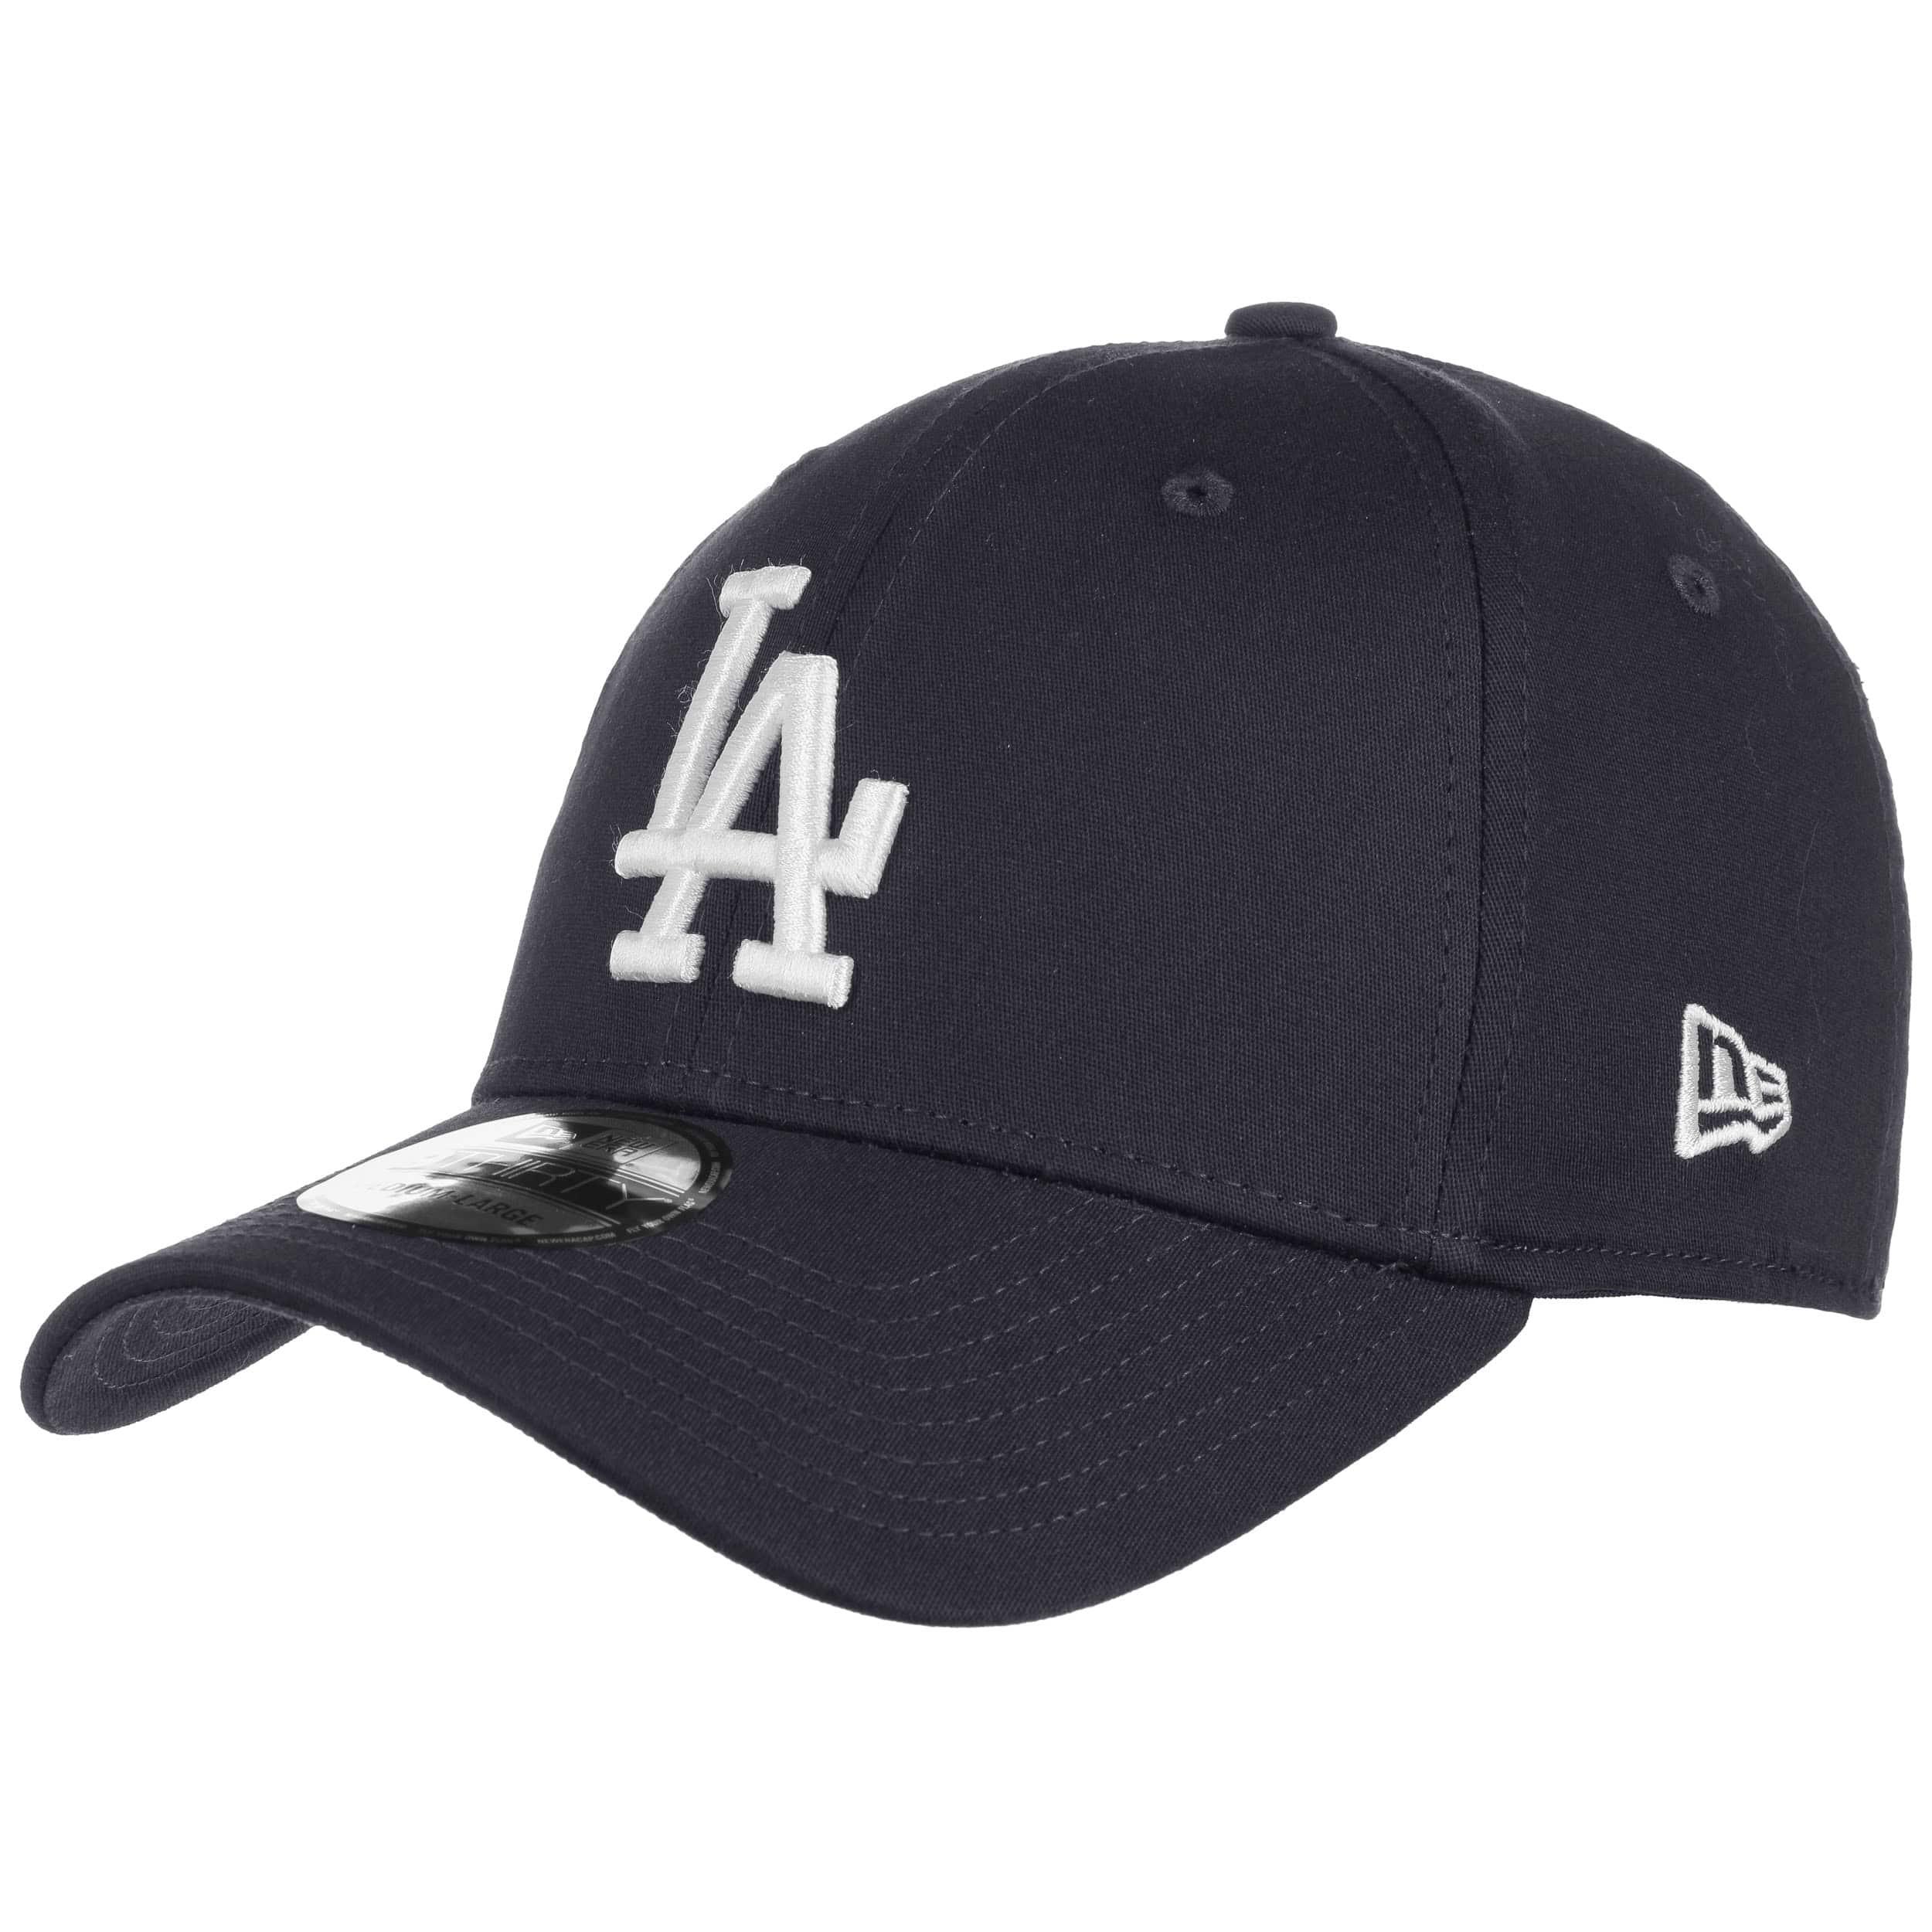 e4e432183c8 39Thirty League LA Dodgers Cap. by New Era